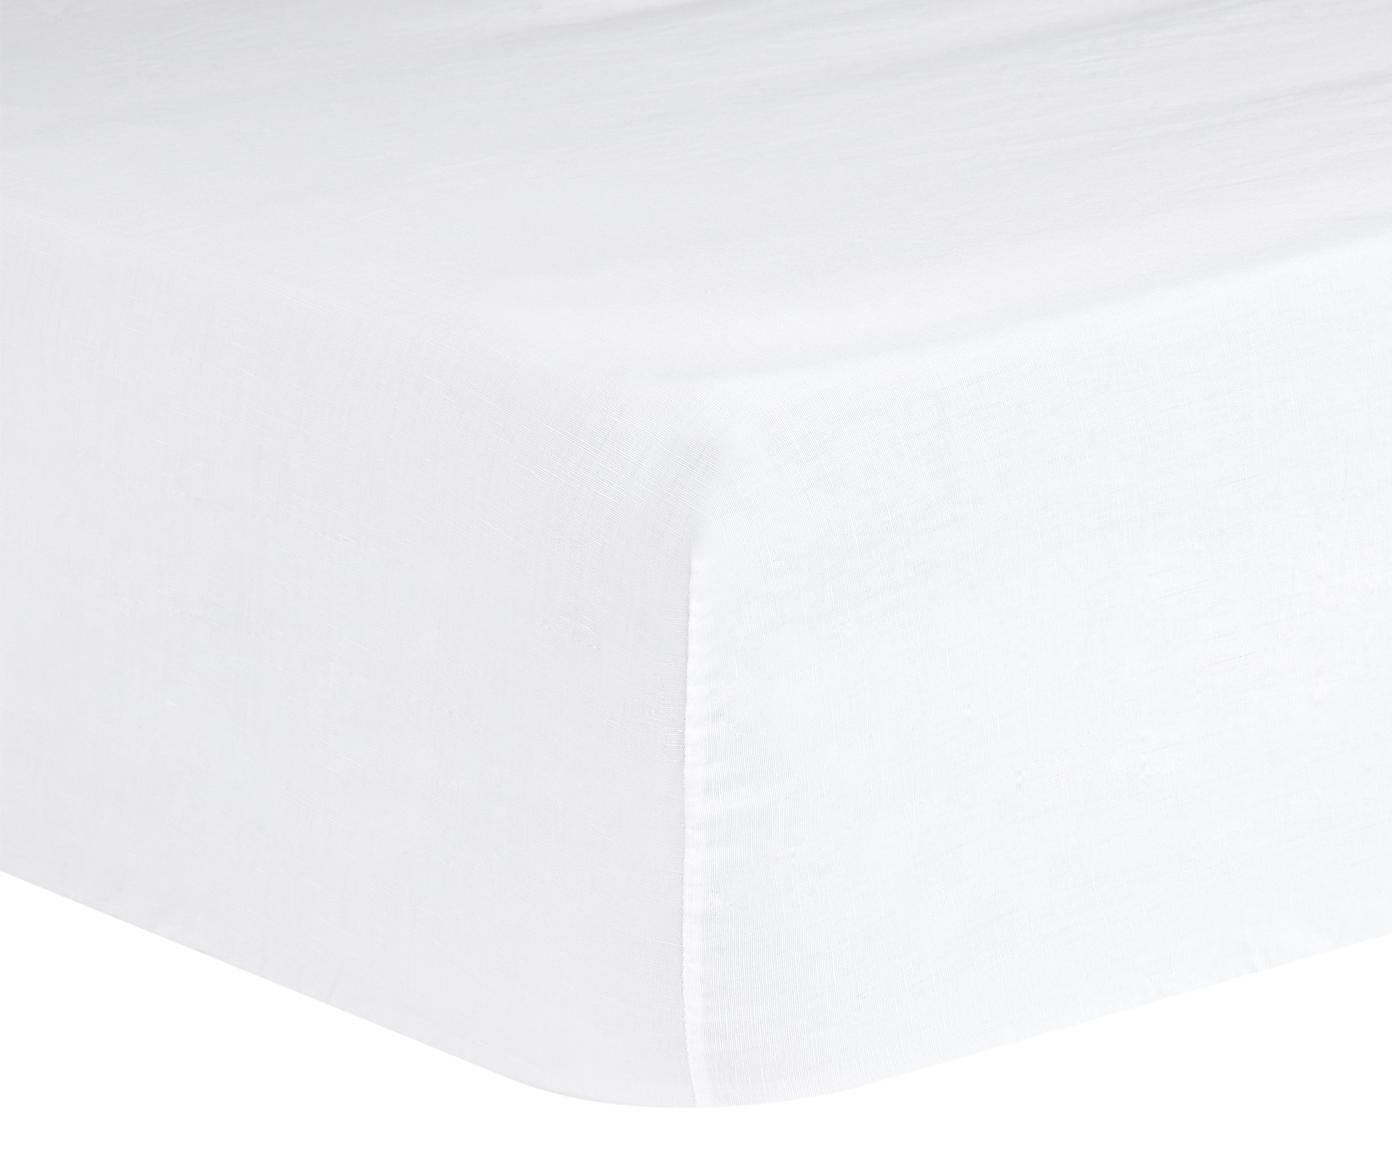 Prześcieradło z gumką z lnu Nature, 52% len, 48% bawełna Z efektem sprania zapewniającym miękkość w dotyku, Biały, S 90 x D 200 cm